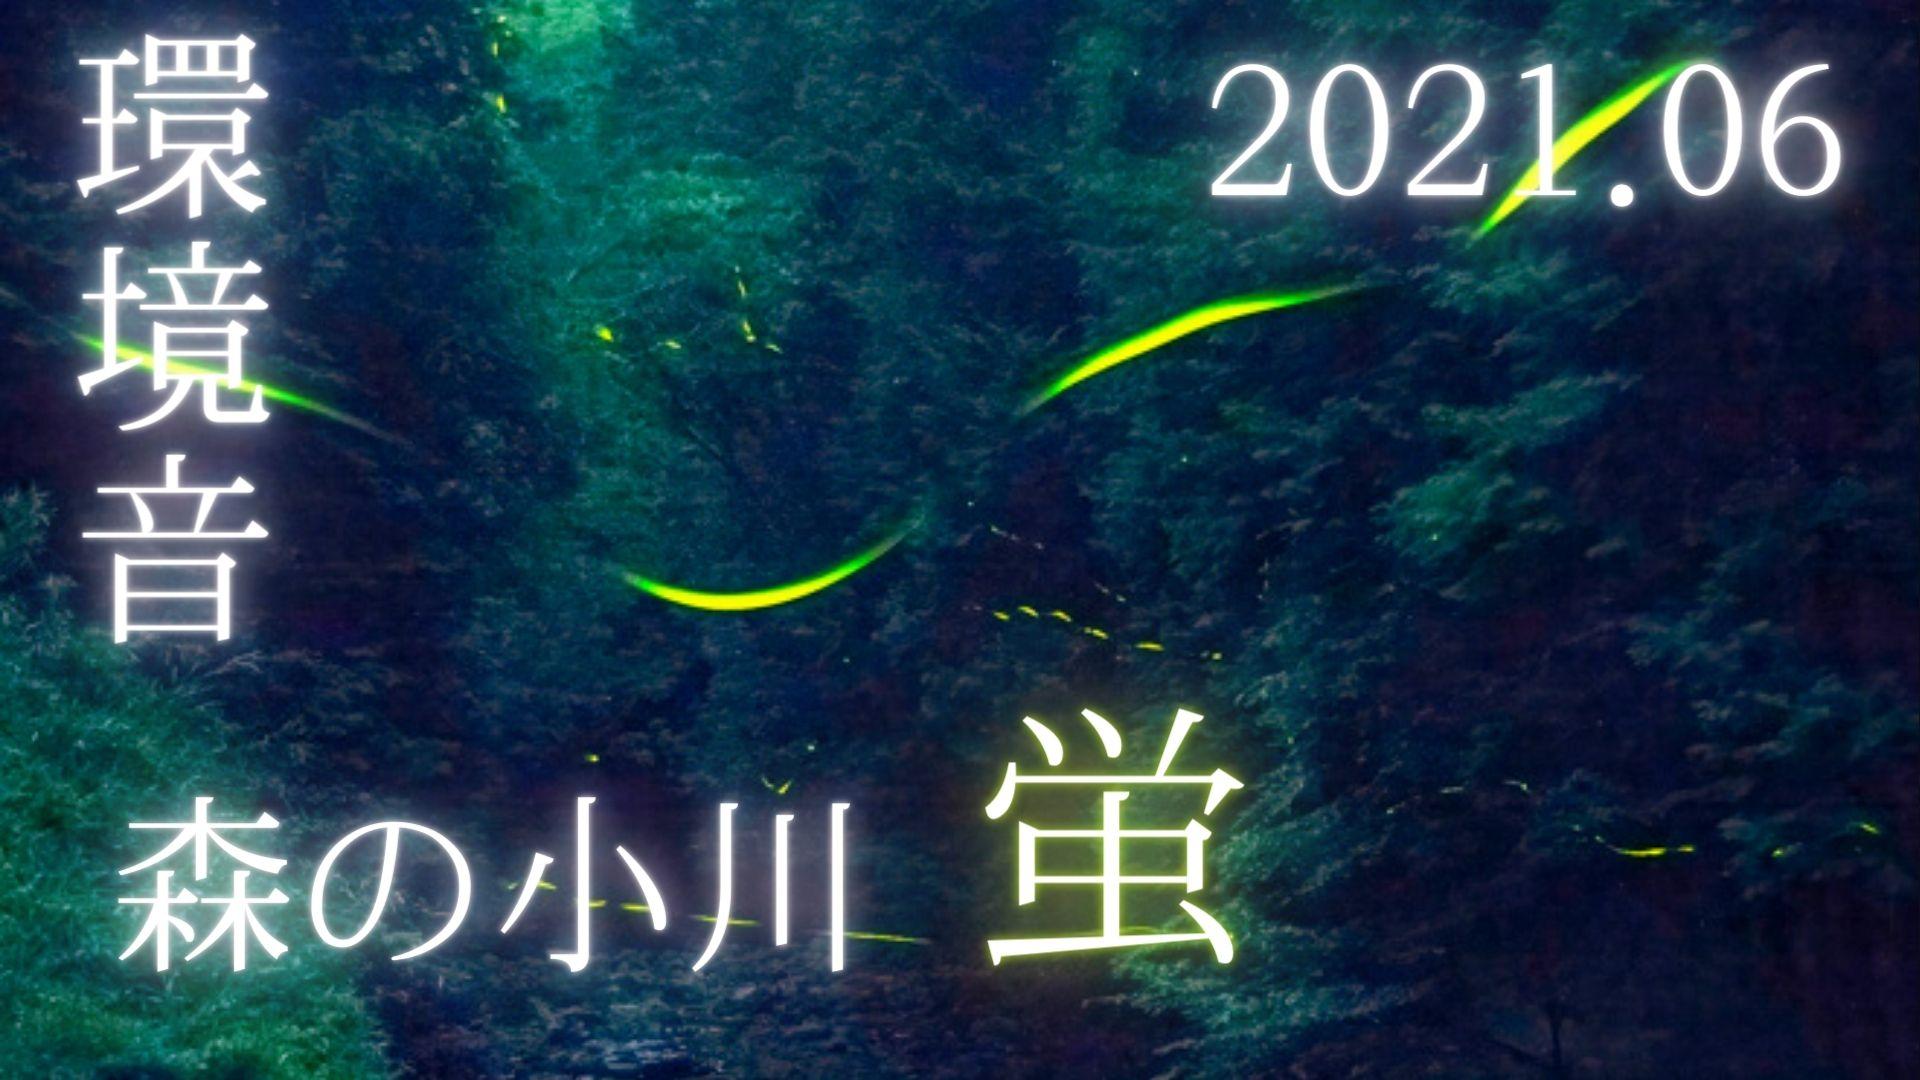 【2021】森の小川の蛍を動画と写真で撮影しました(三重県)